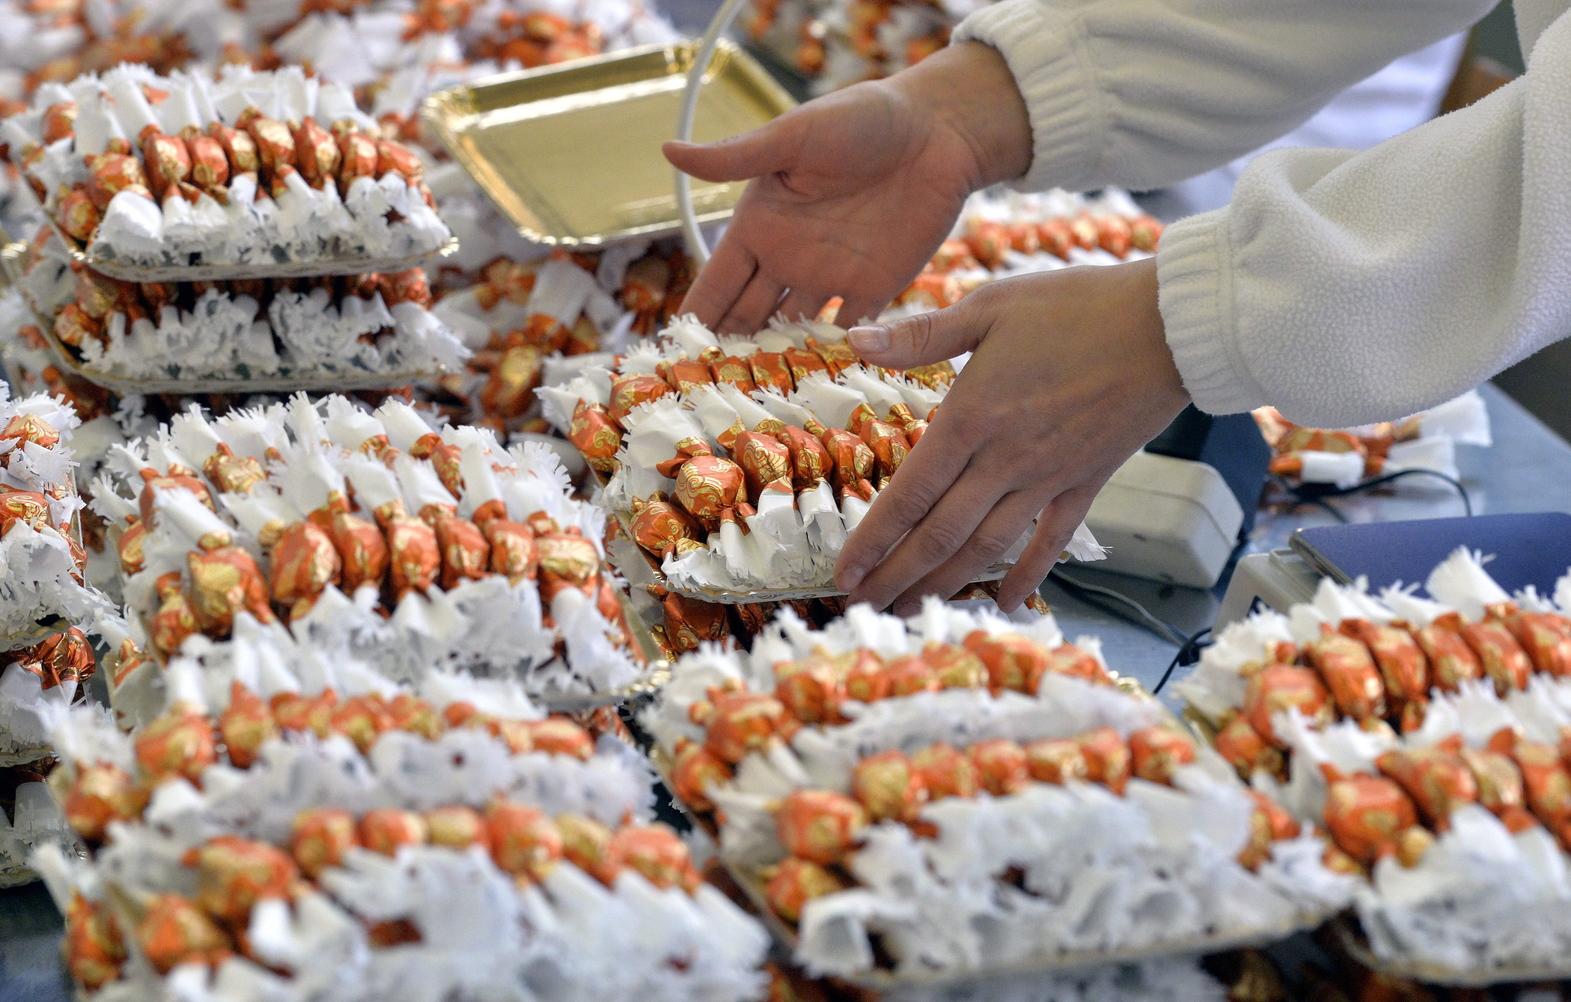 Elkészült szaloncukrokat csomagolnak a Szamos Marcipán Kft. pilisvörösvári üzemében 2013. december 9-én. MTI Fotó: Máthé Zoltán